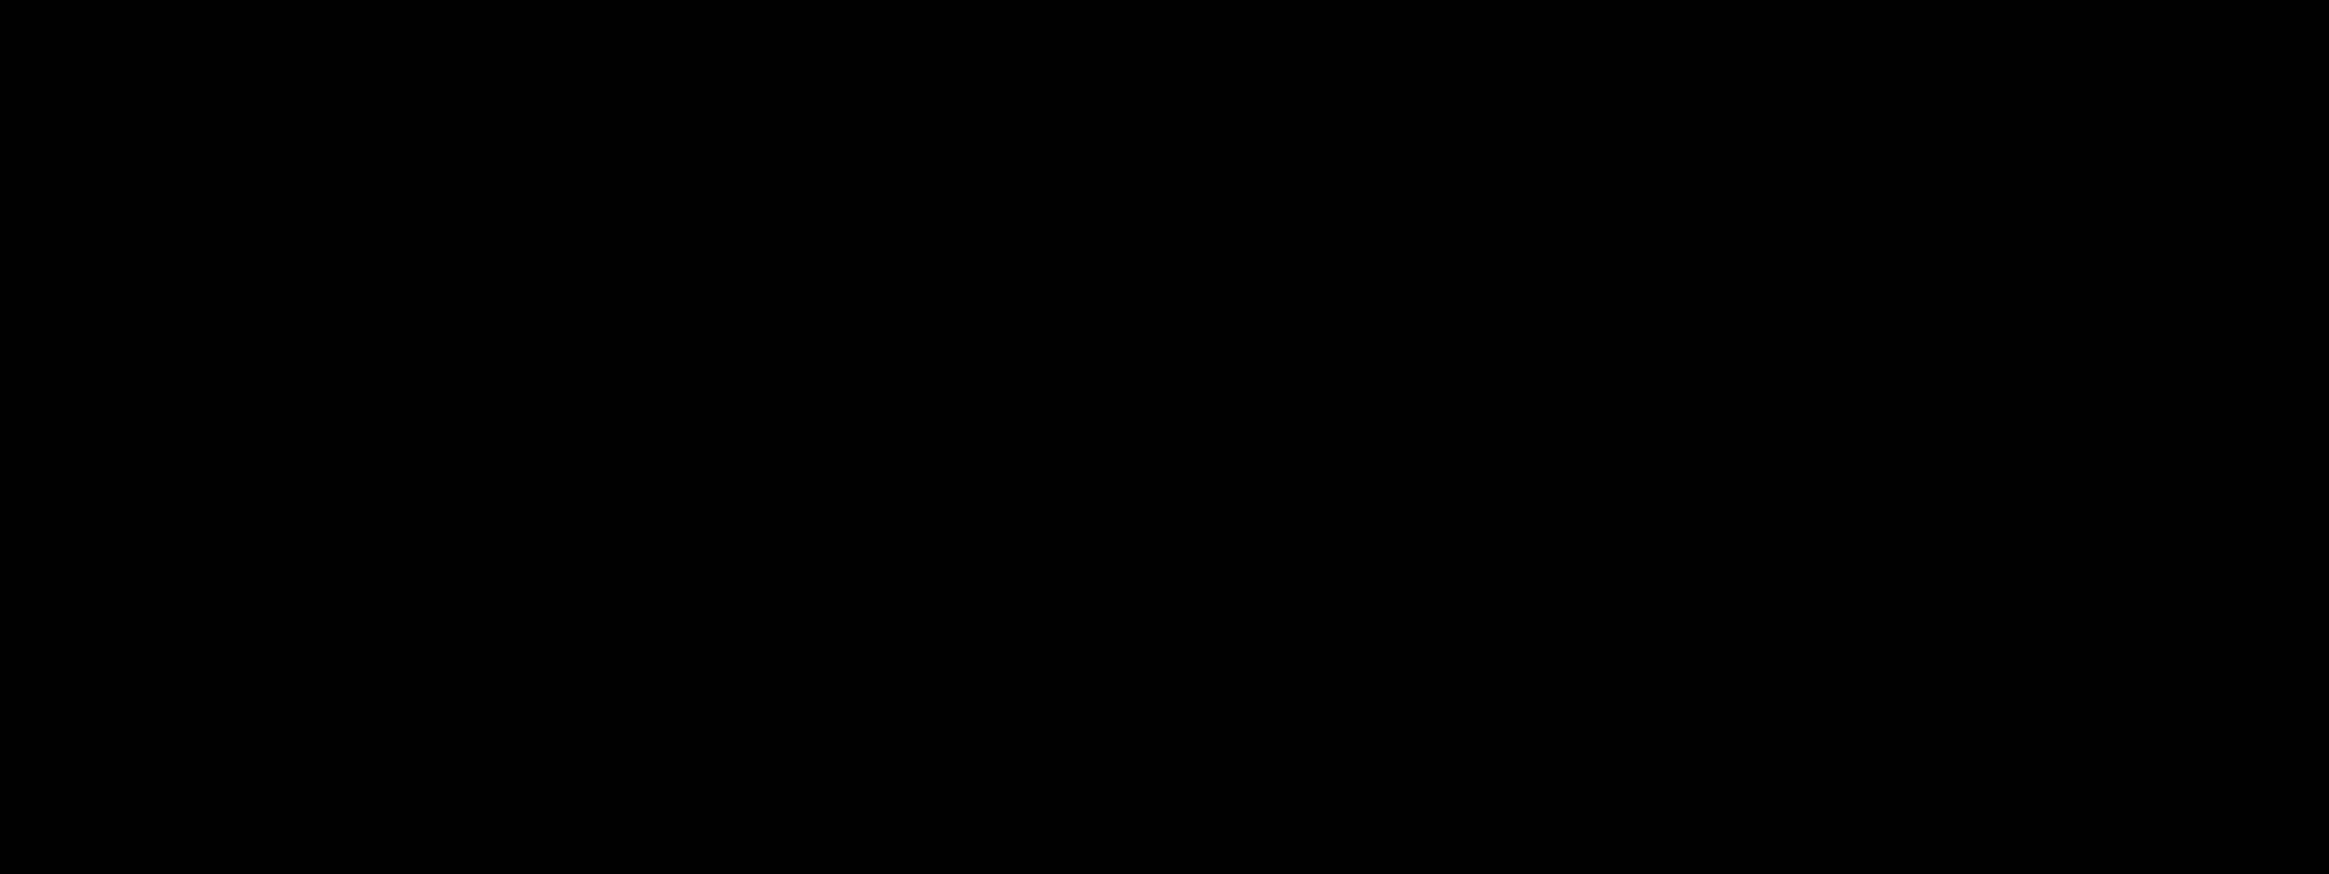 transcribe app logo